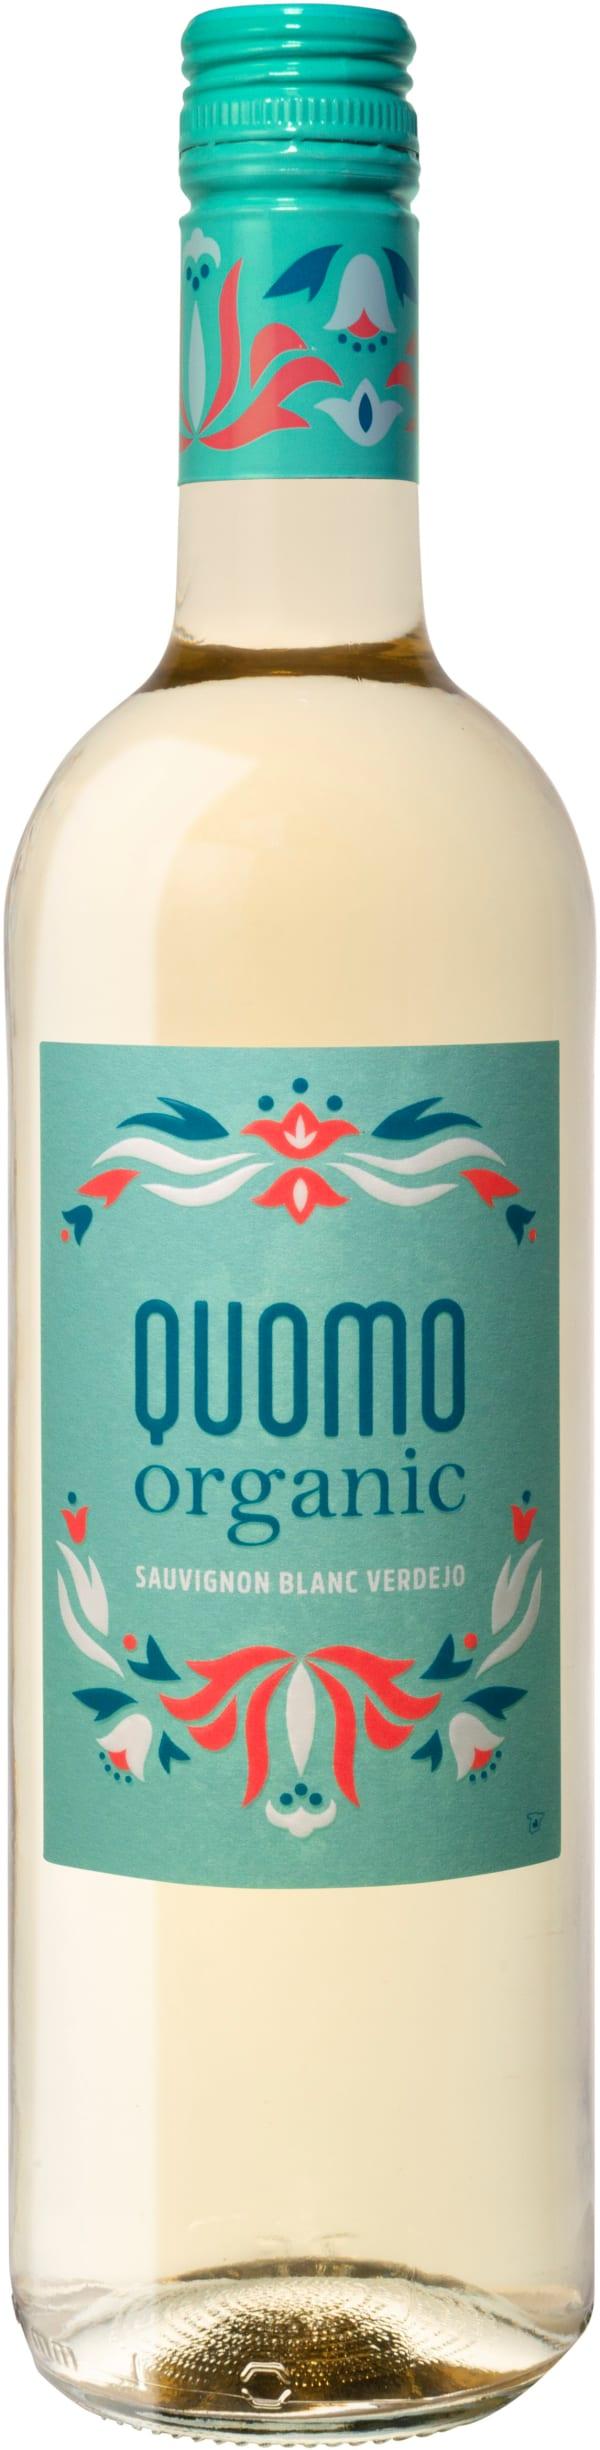 Quomo Organic Sauvignon Blanc Verdejo 2020